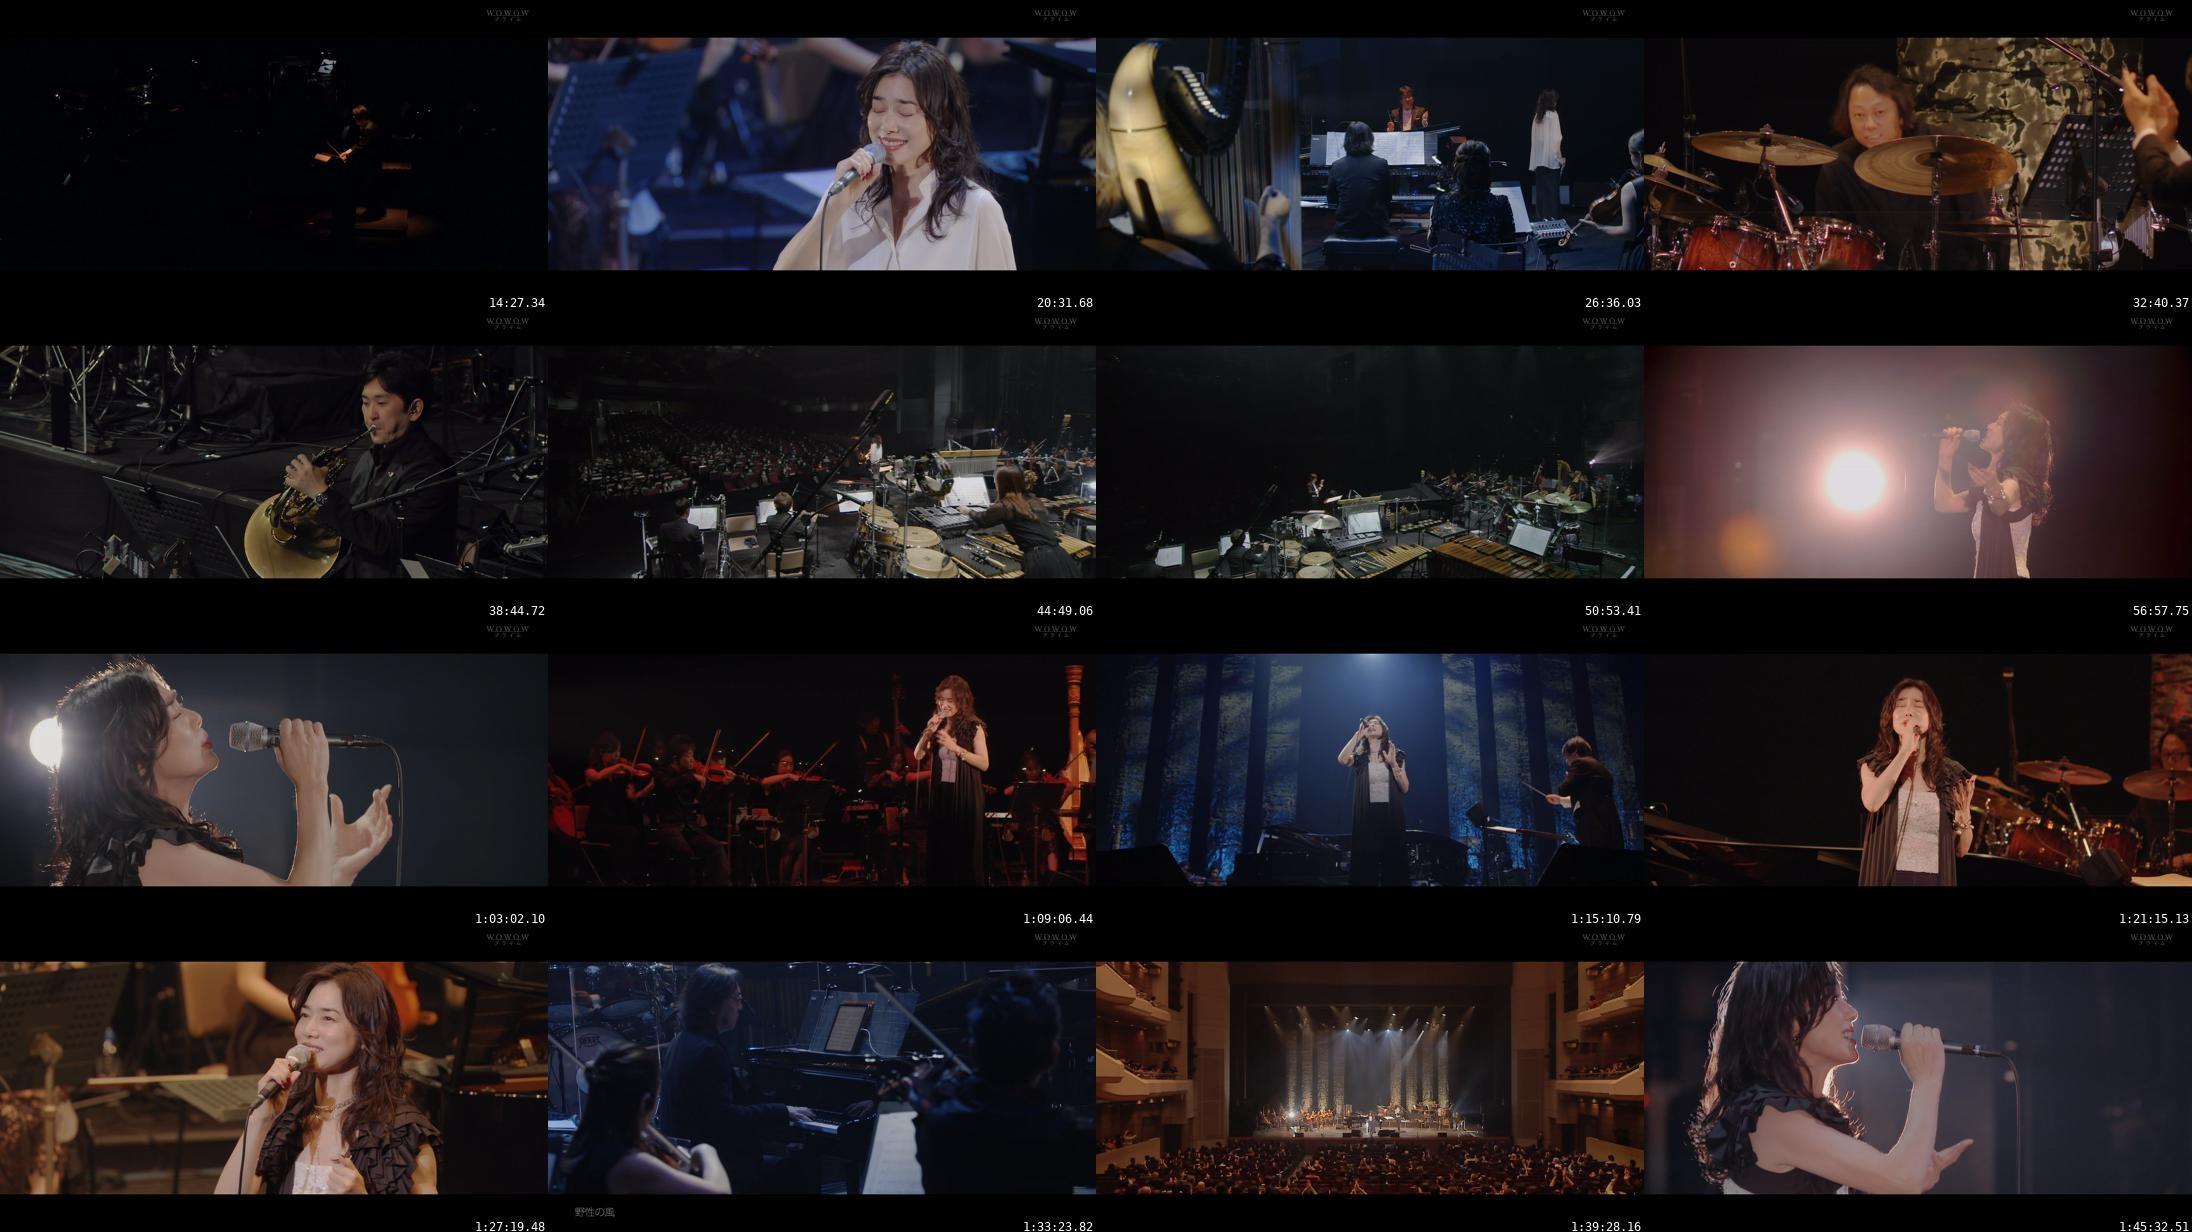 今井美樹 (Miki Imai) – billboard classics MIKI IMAI 35th Anniversary premium ensemble concert (WOWOW Prime 2021.02.23)